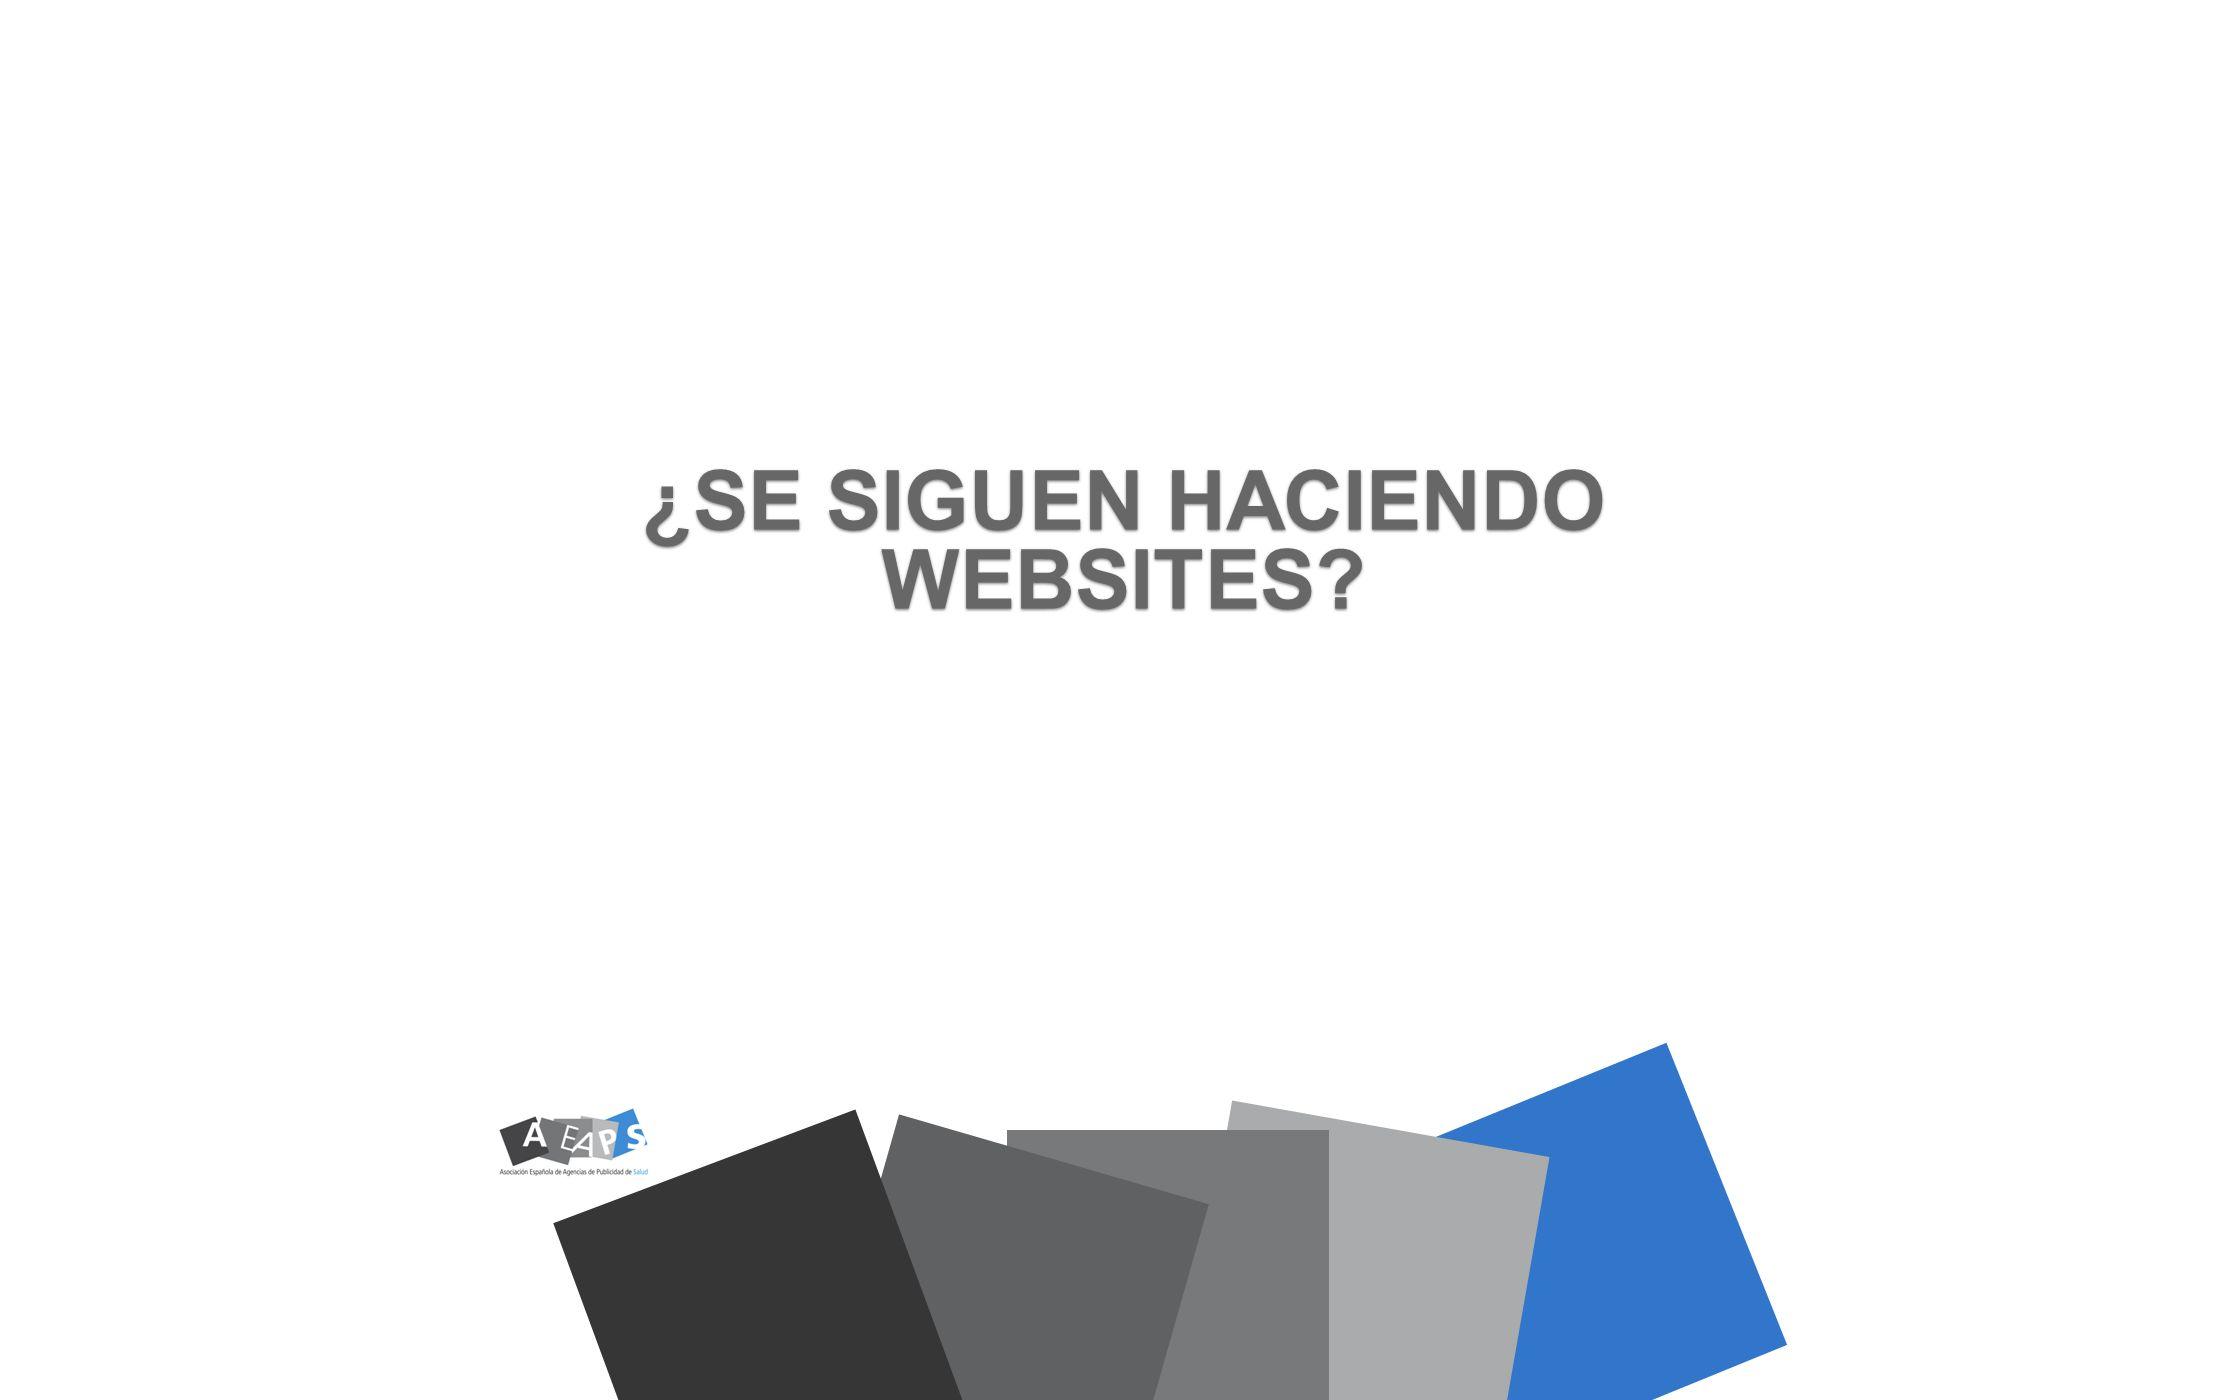 ¿SE SIGUEN HACIENDO WEBSITES